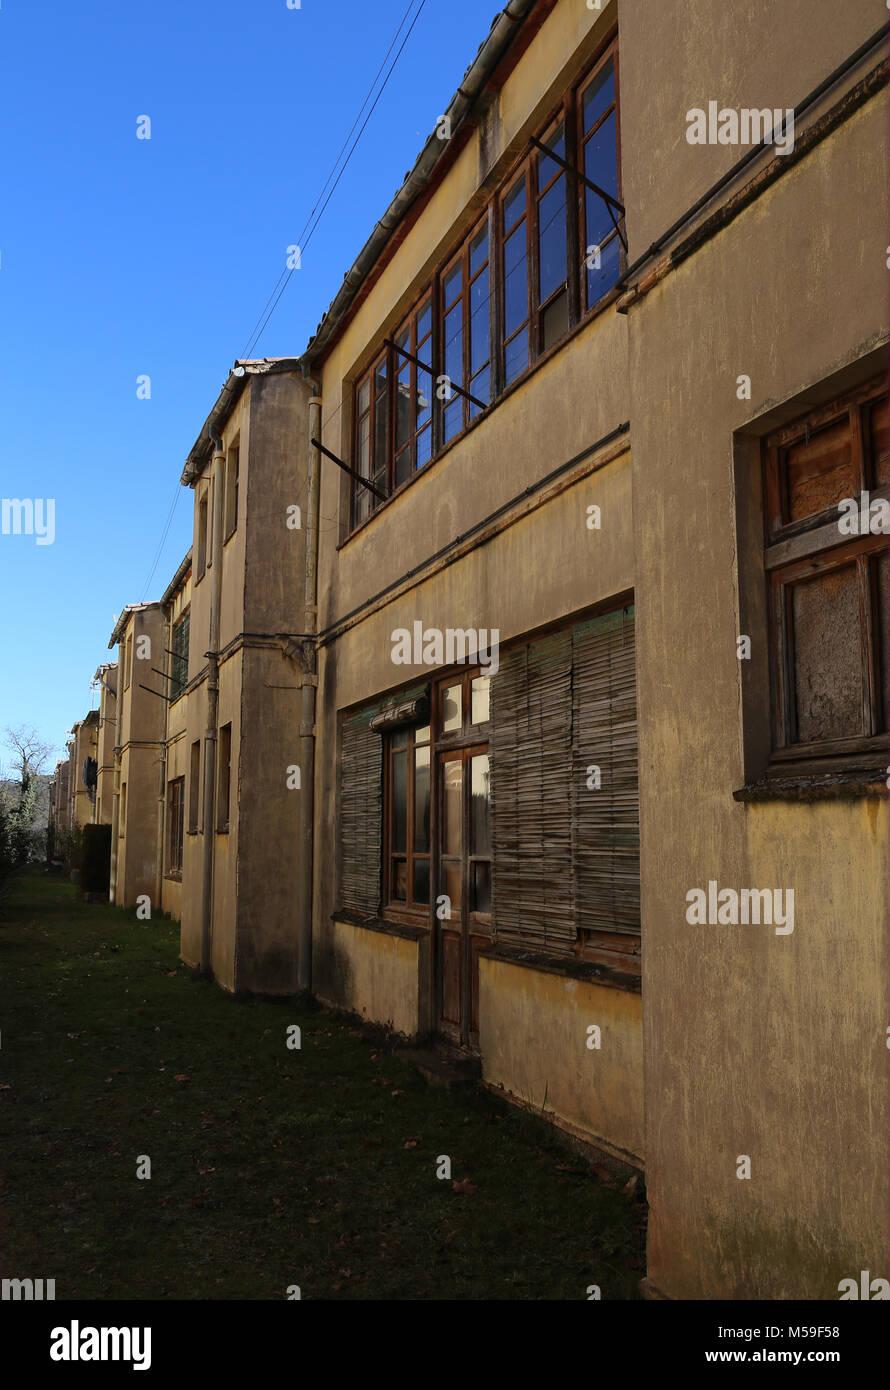 L'Espagne, la Catalogne, Puig-Reig. Pouvez Vidal. Colonie Industrielle Textile. 1901-1980. Le logement des travailleurs. Photo Stock